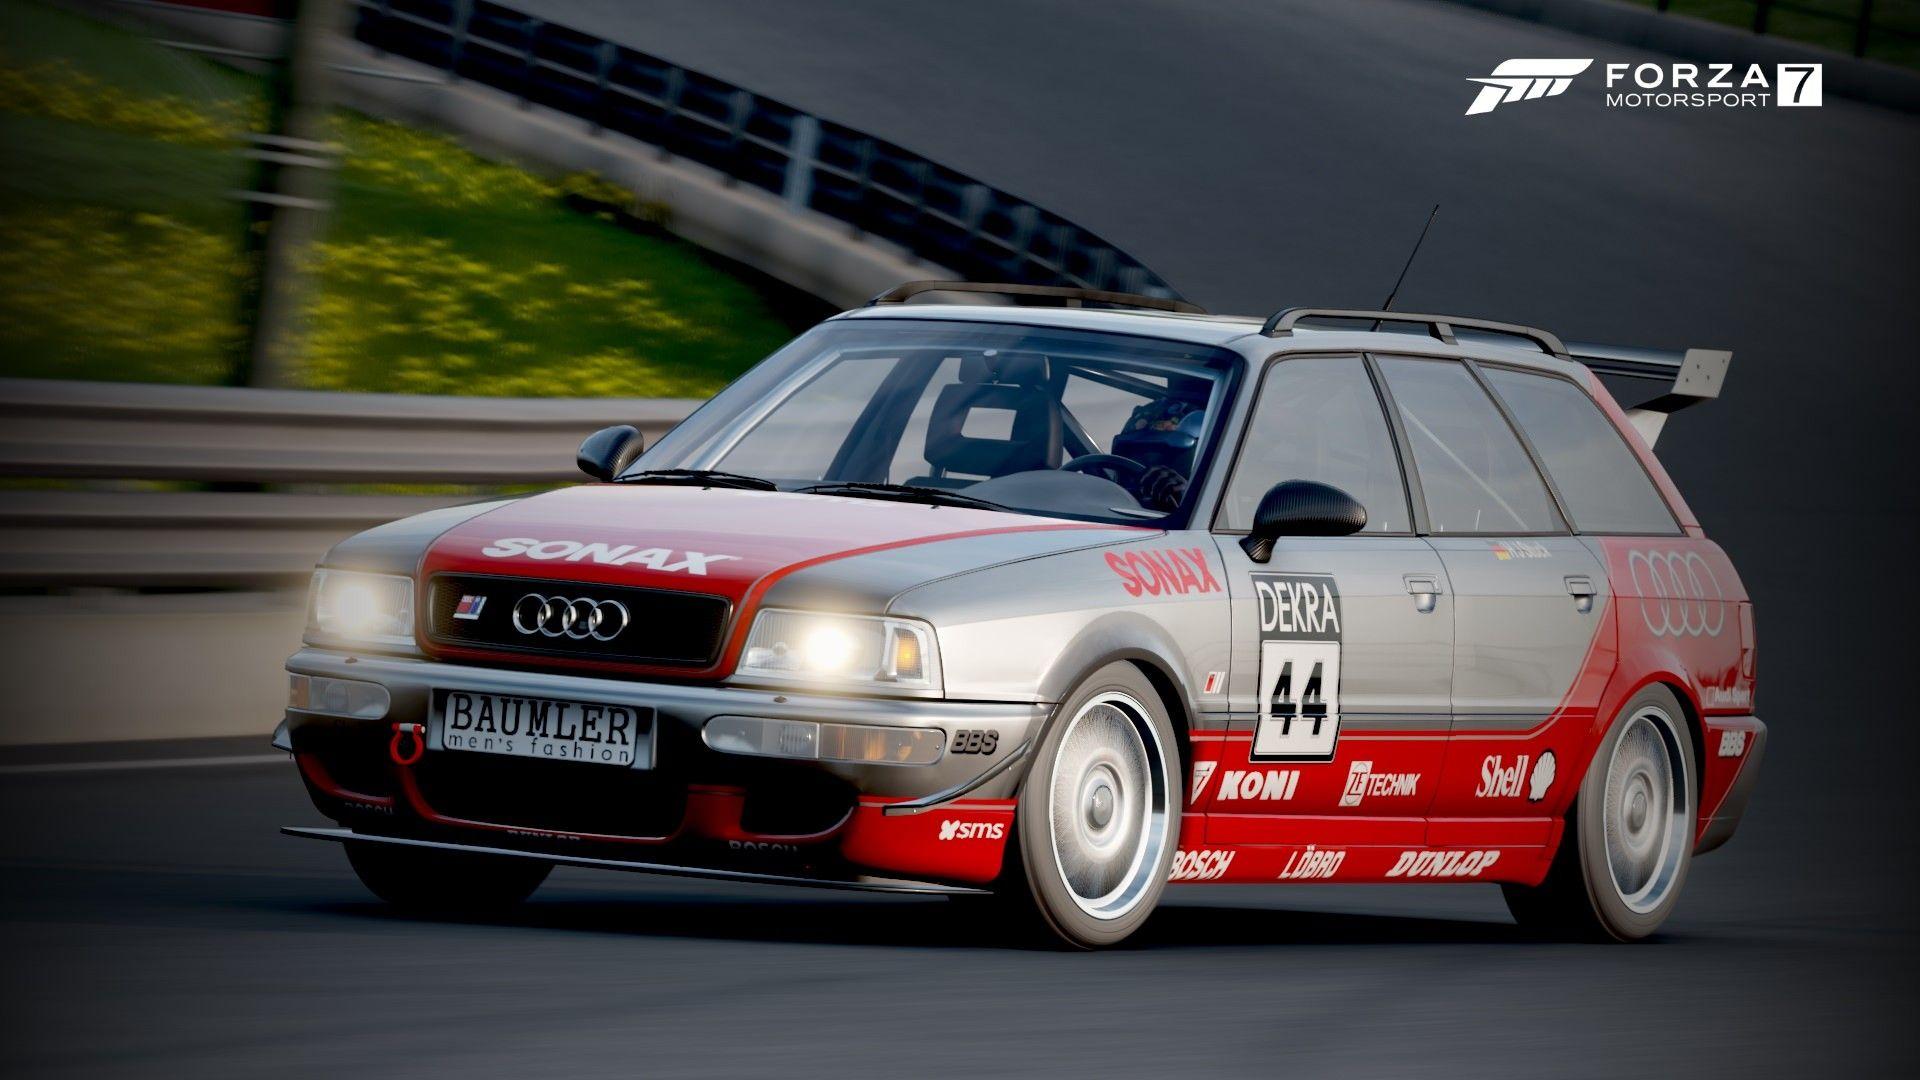 RACEDewTune Forza Motorsport 7 Liveries